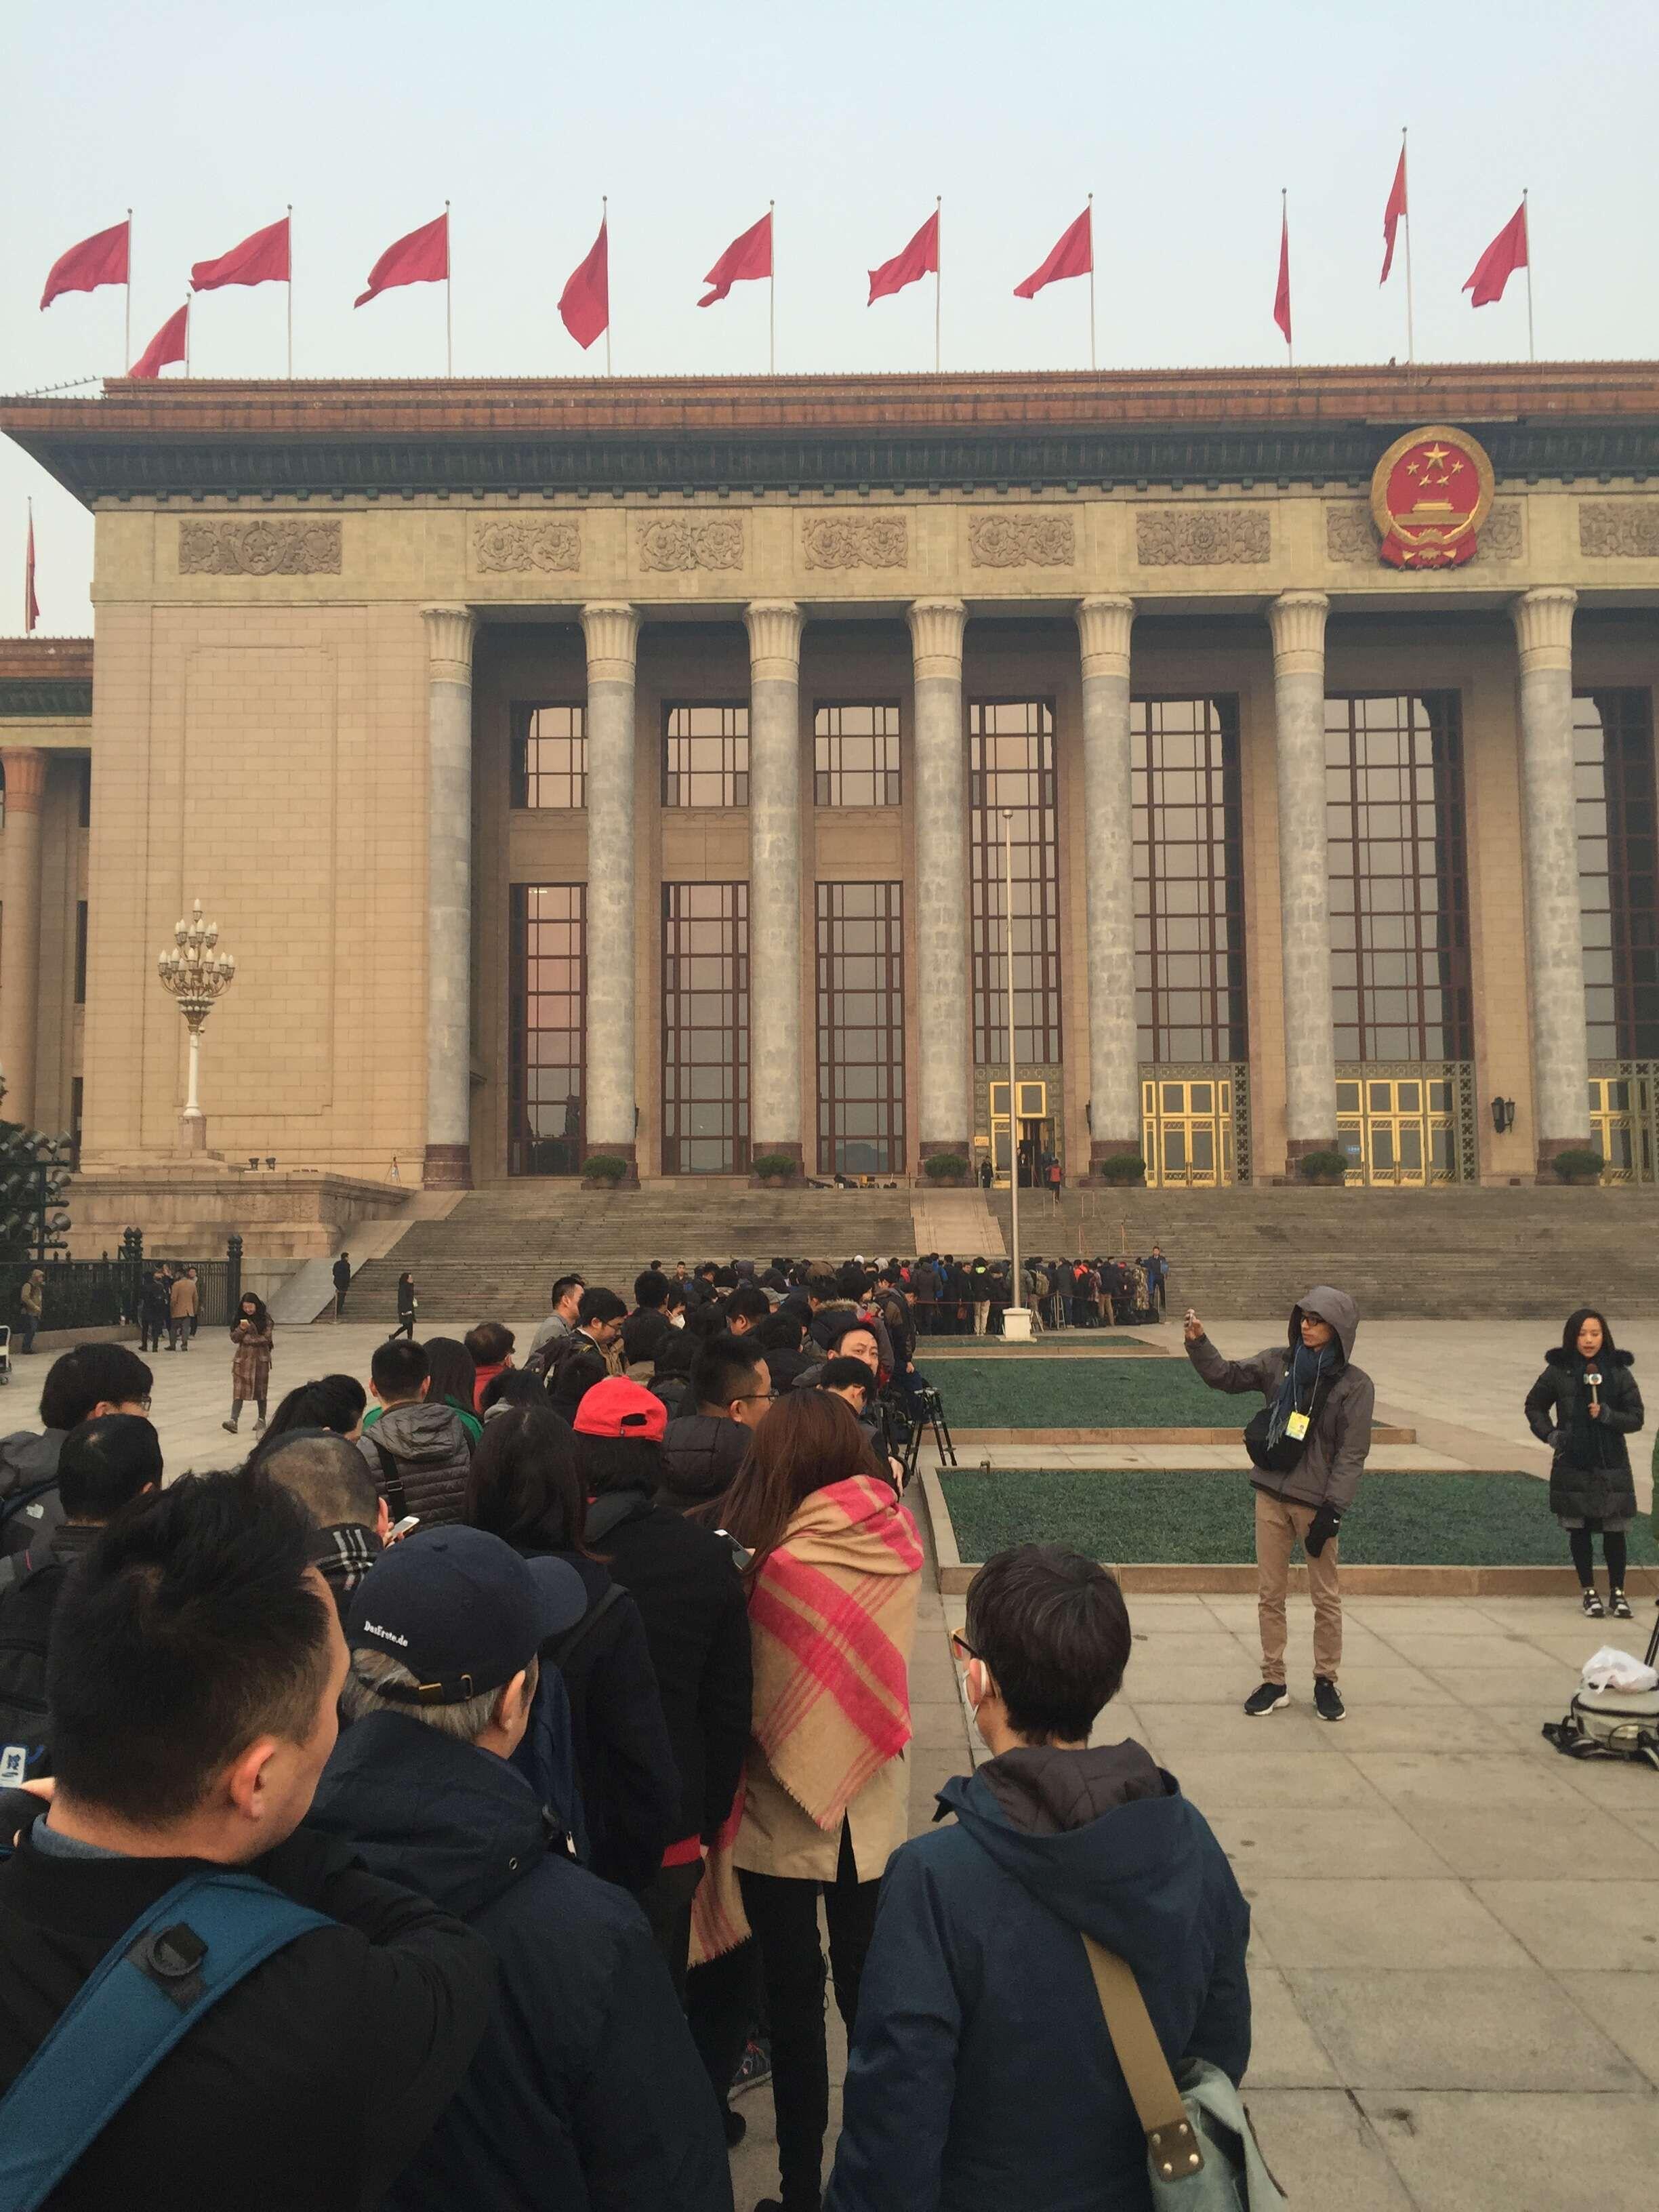 李克强总理将回答记者提问 中外记者昨夜开始排队